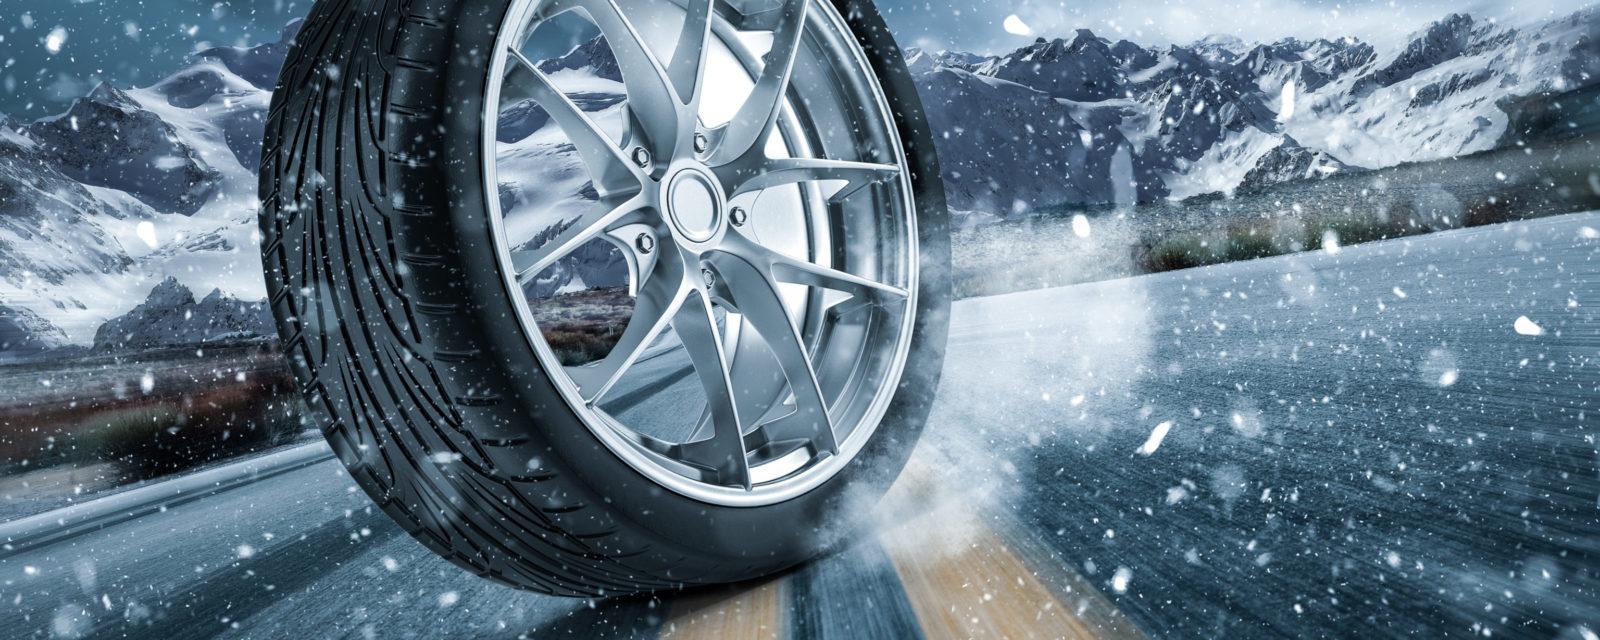 Pirelli Winter Tire N-Trygg Bil